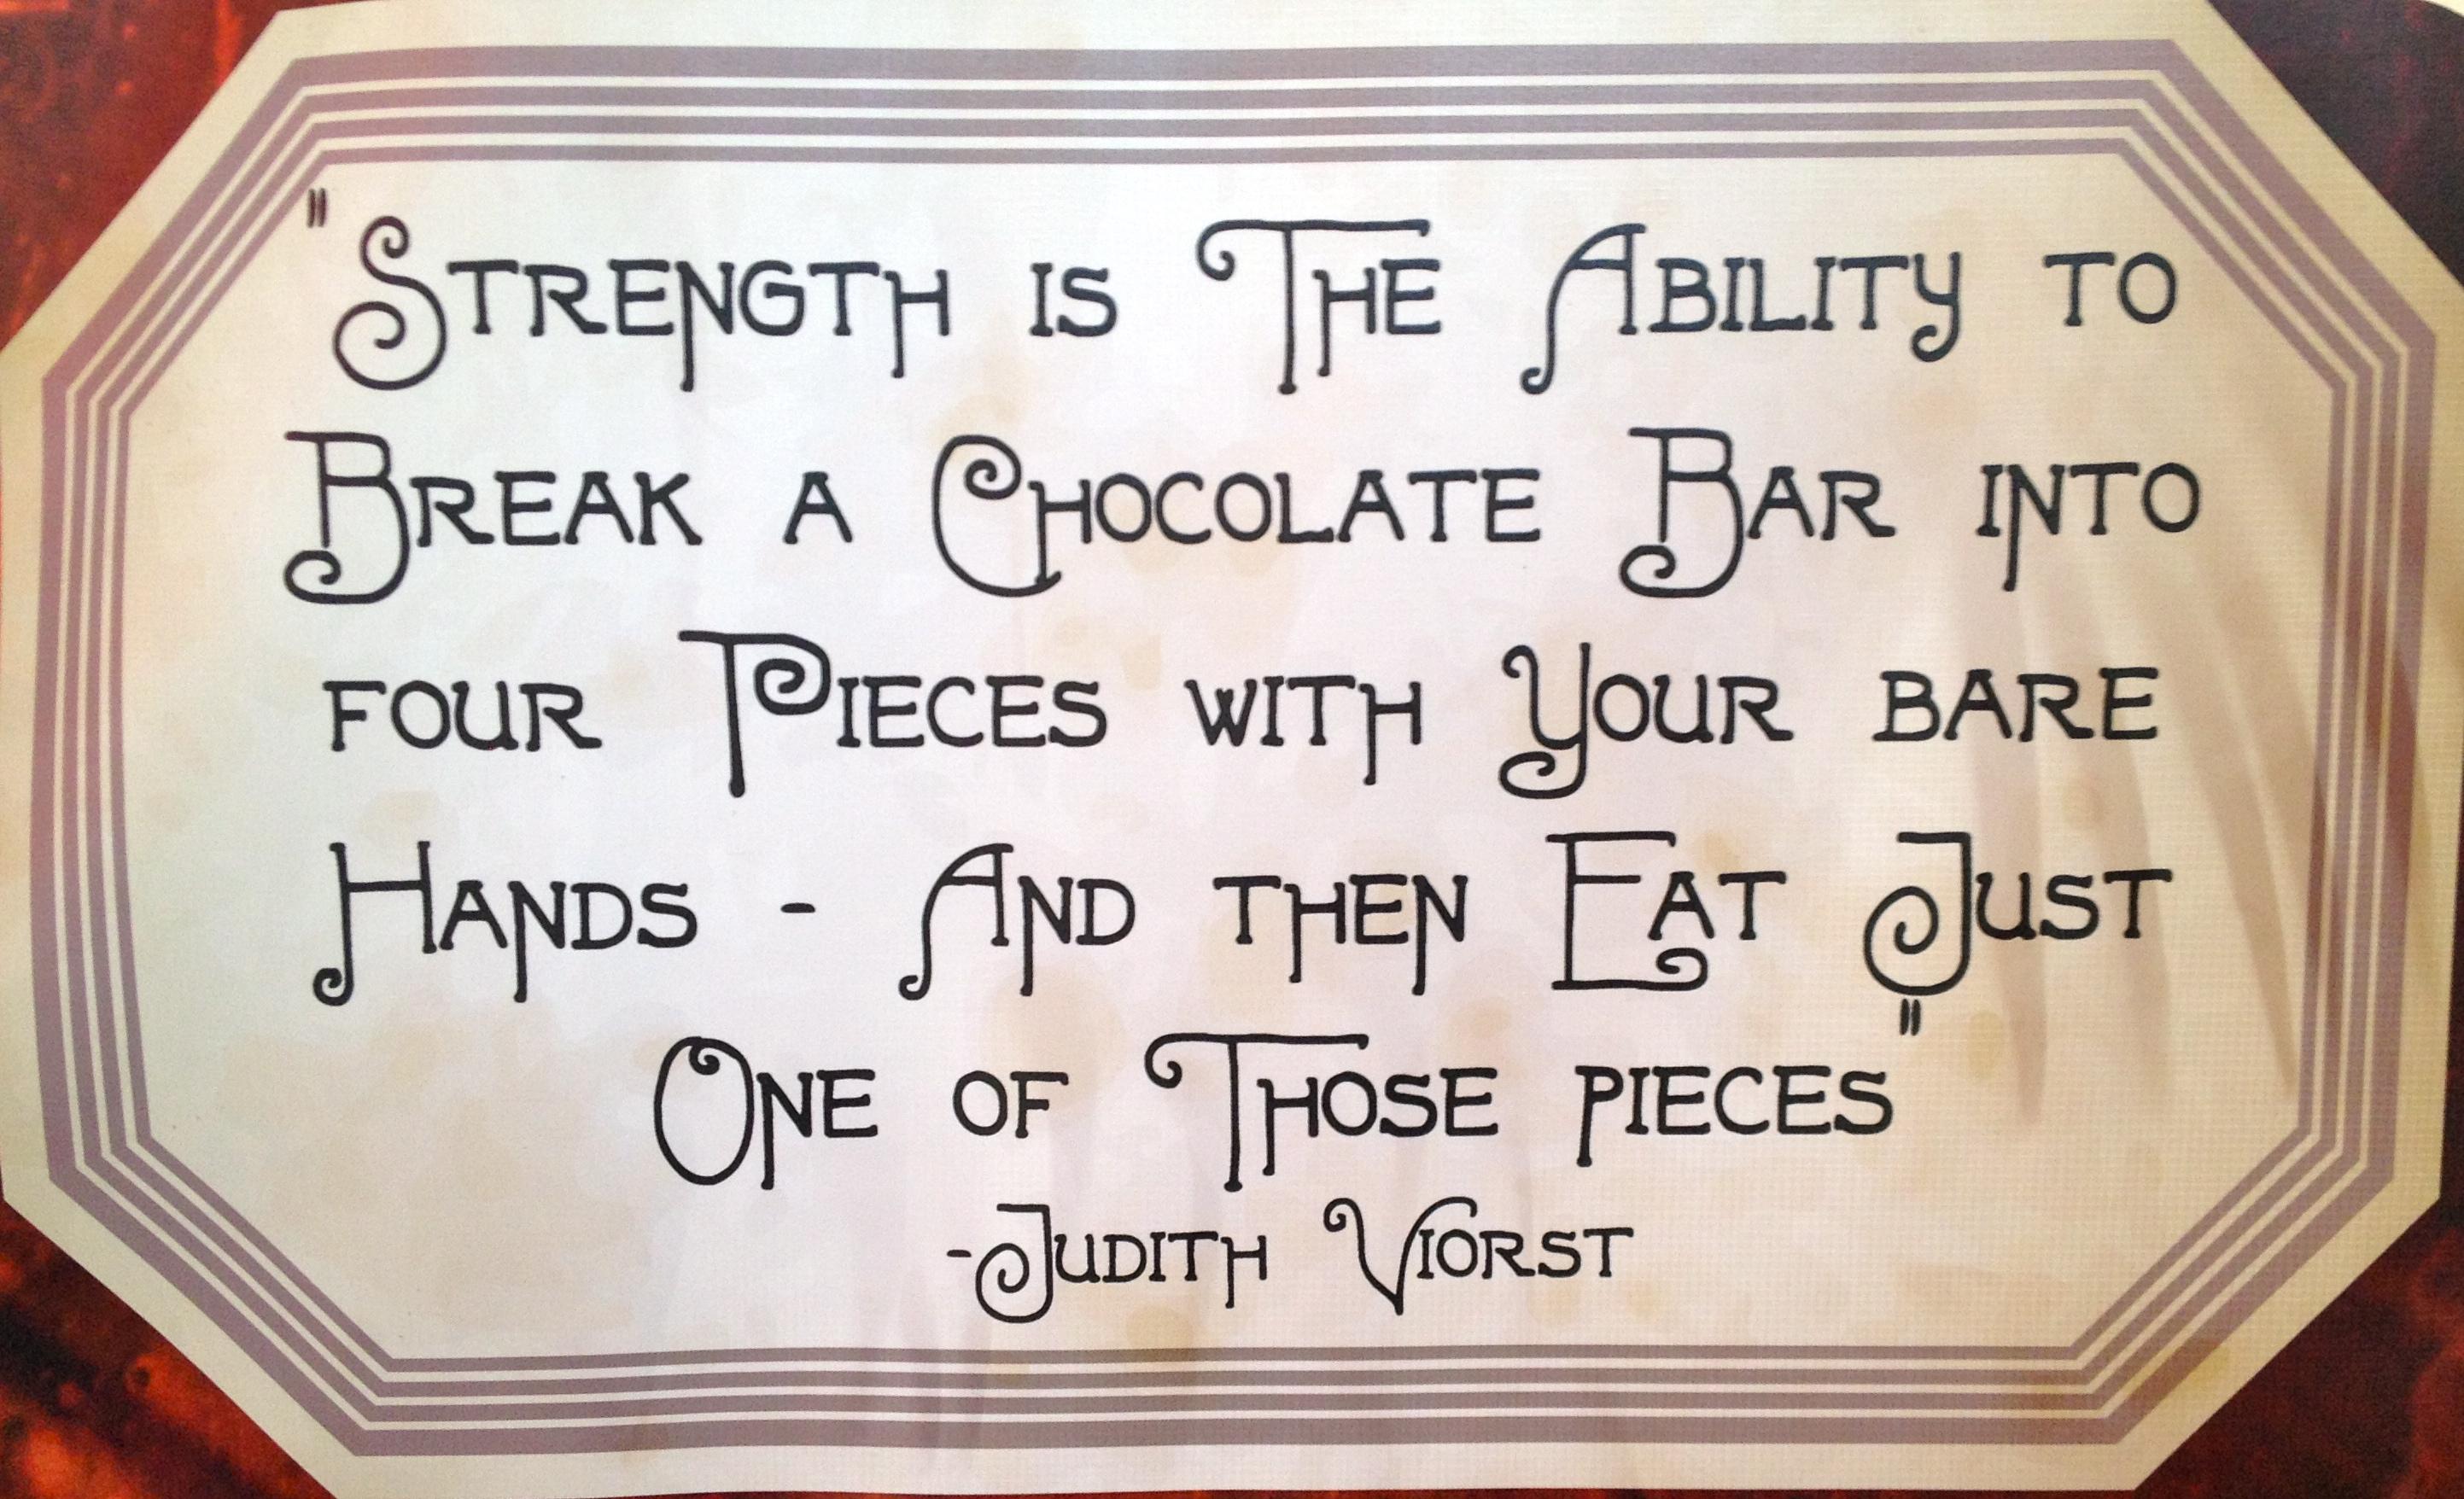 Judith Viorst's quote #2